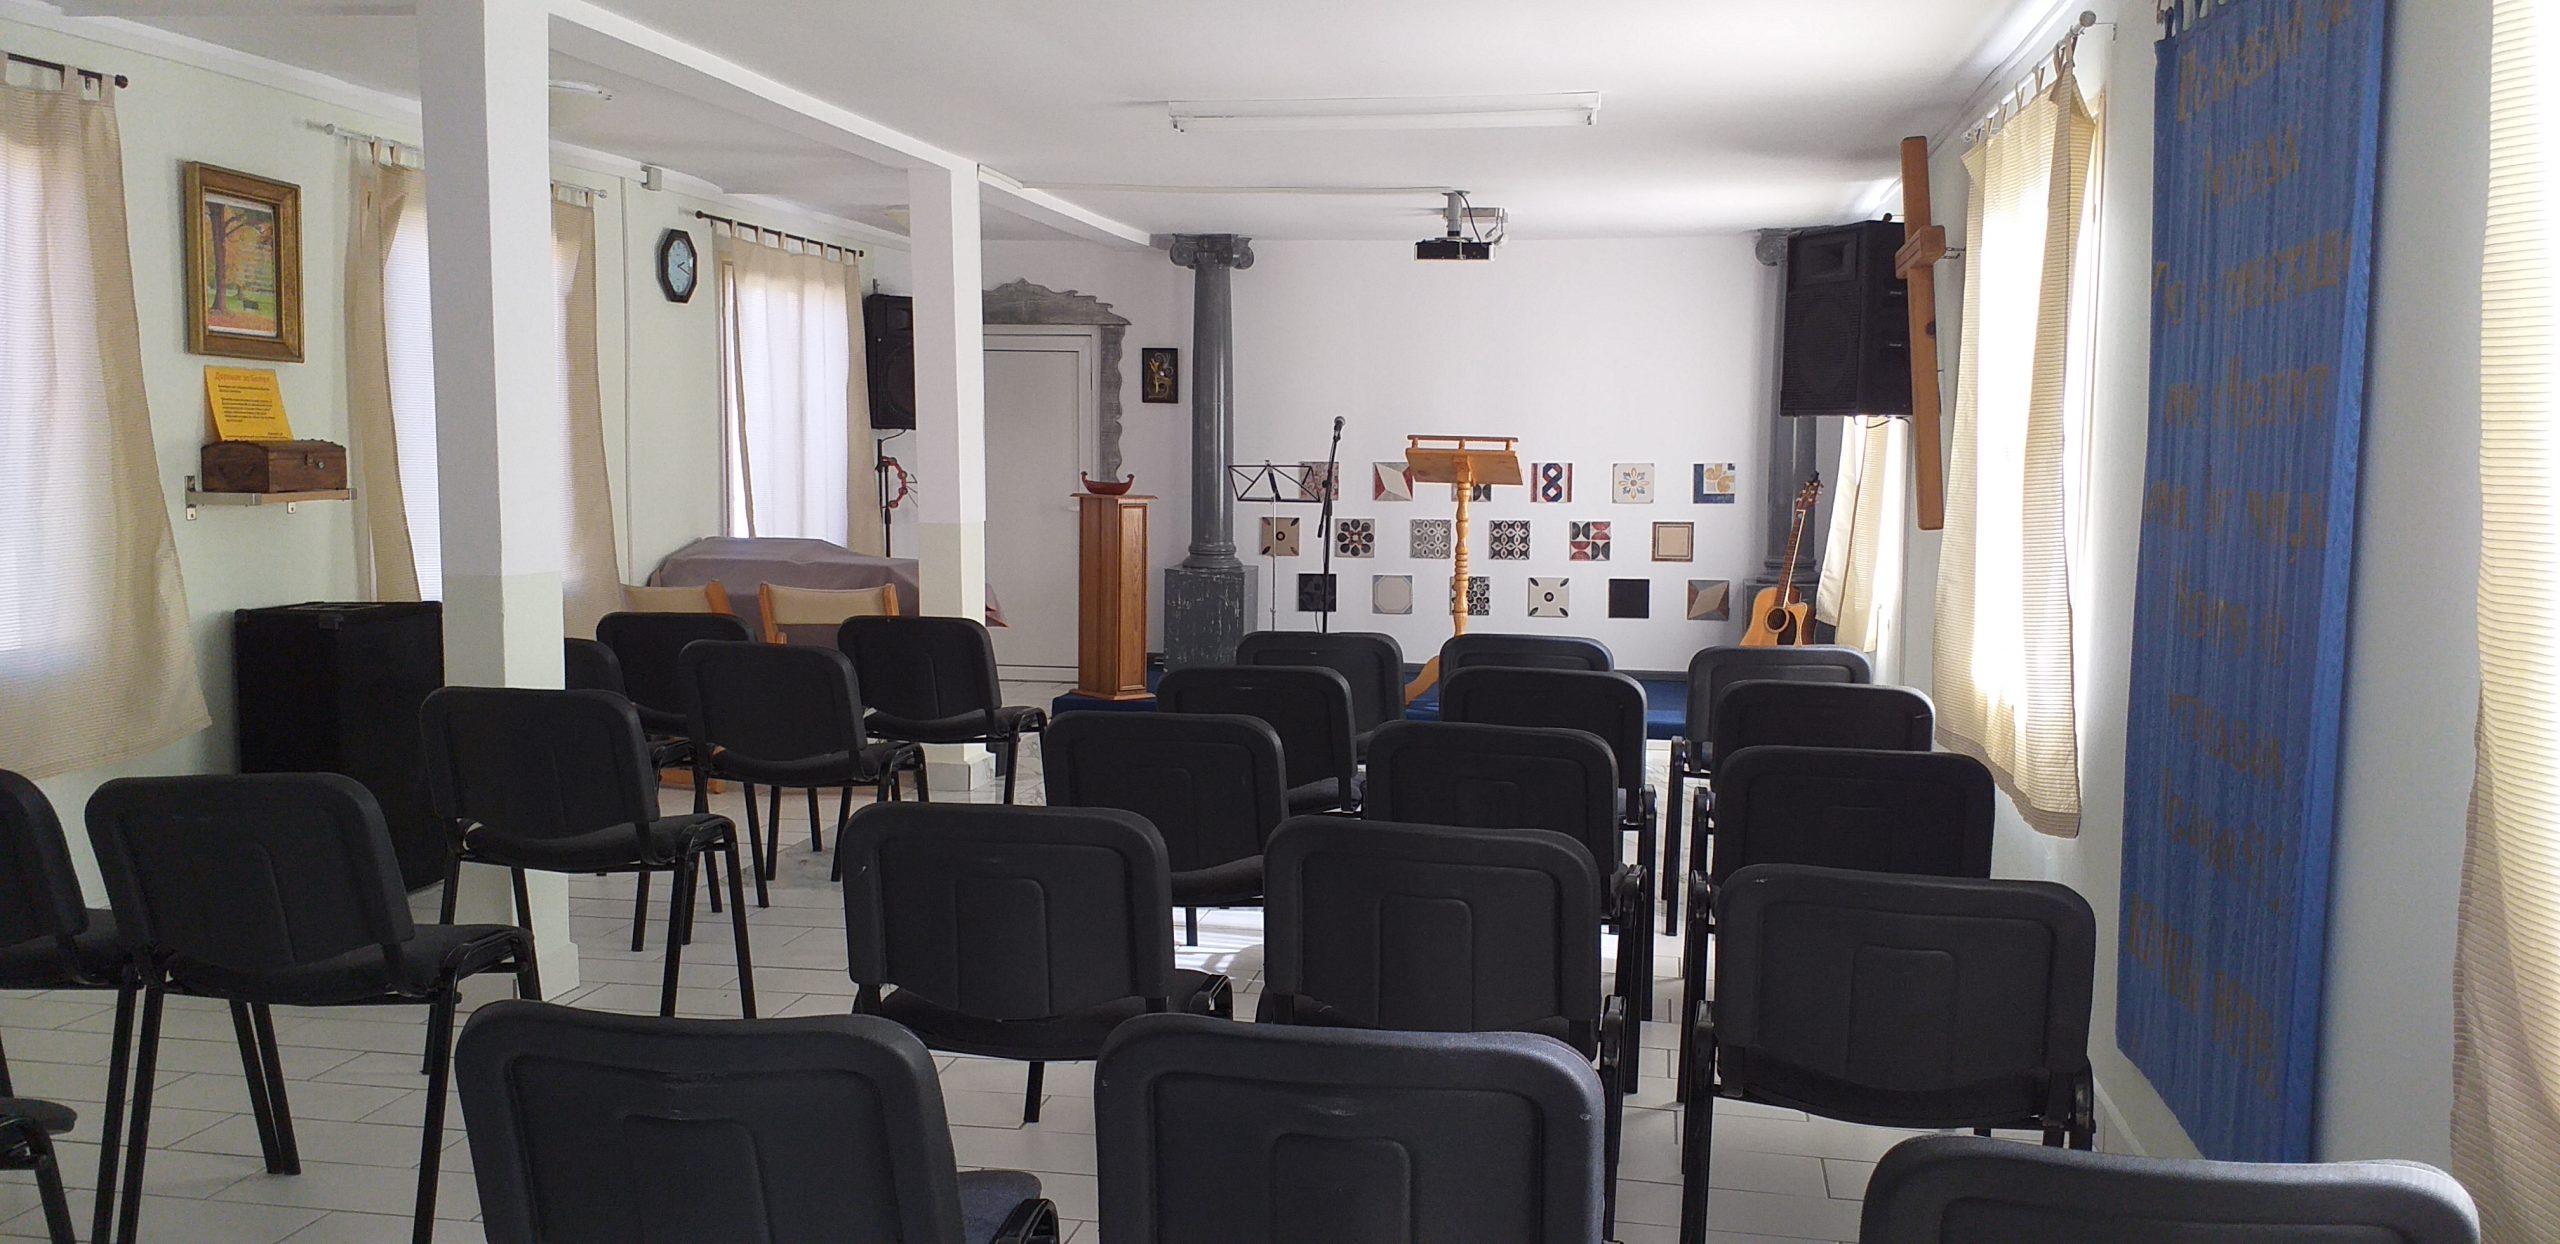 Iglesia2-scaled